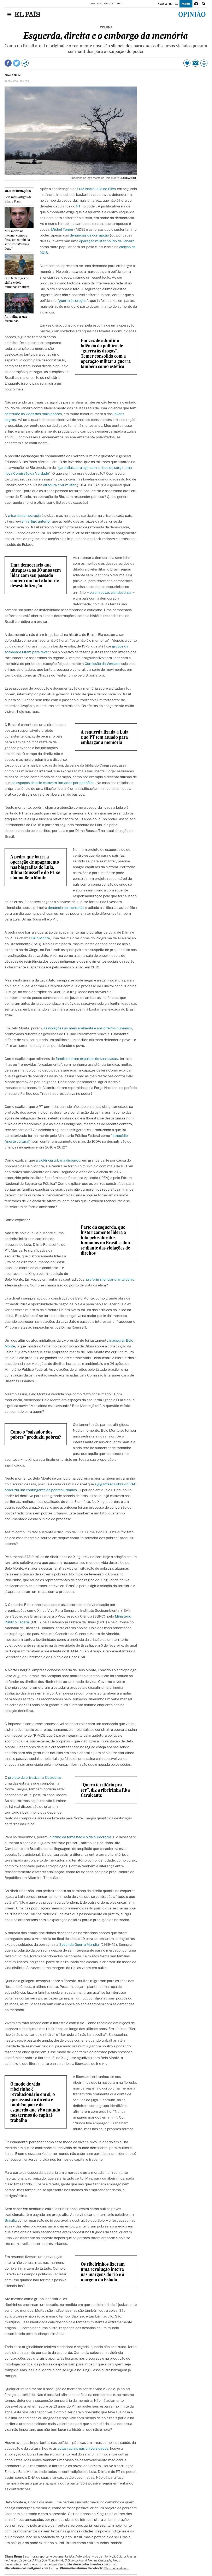 b7f27203b EL PAÍS - Esquerda, direita e o embargo da memória